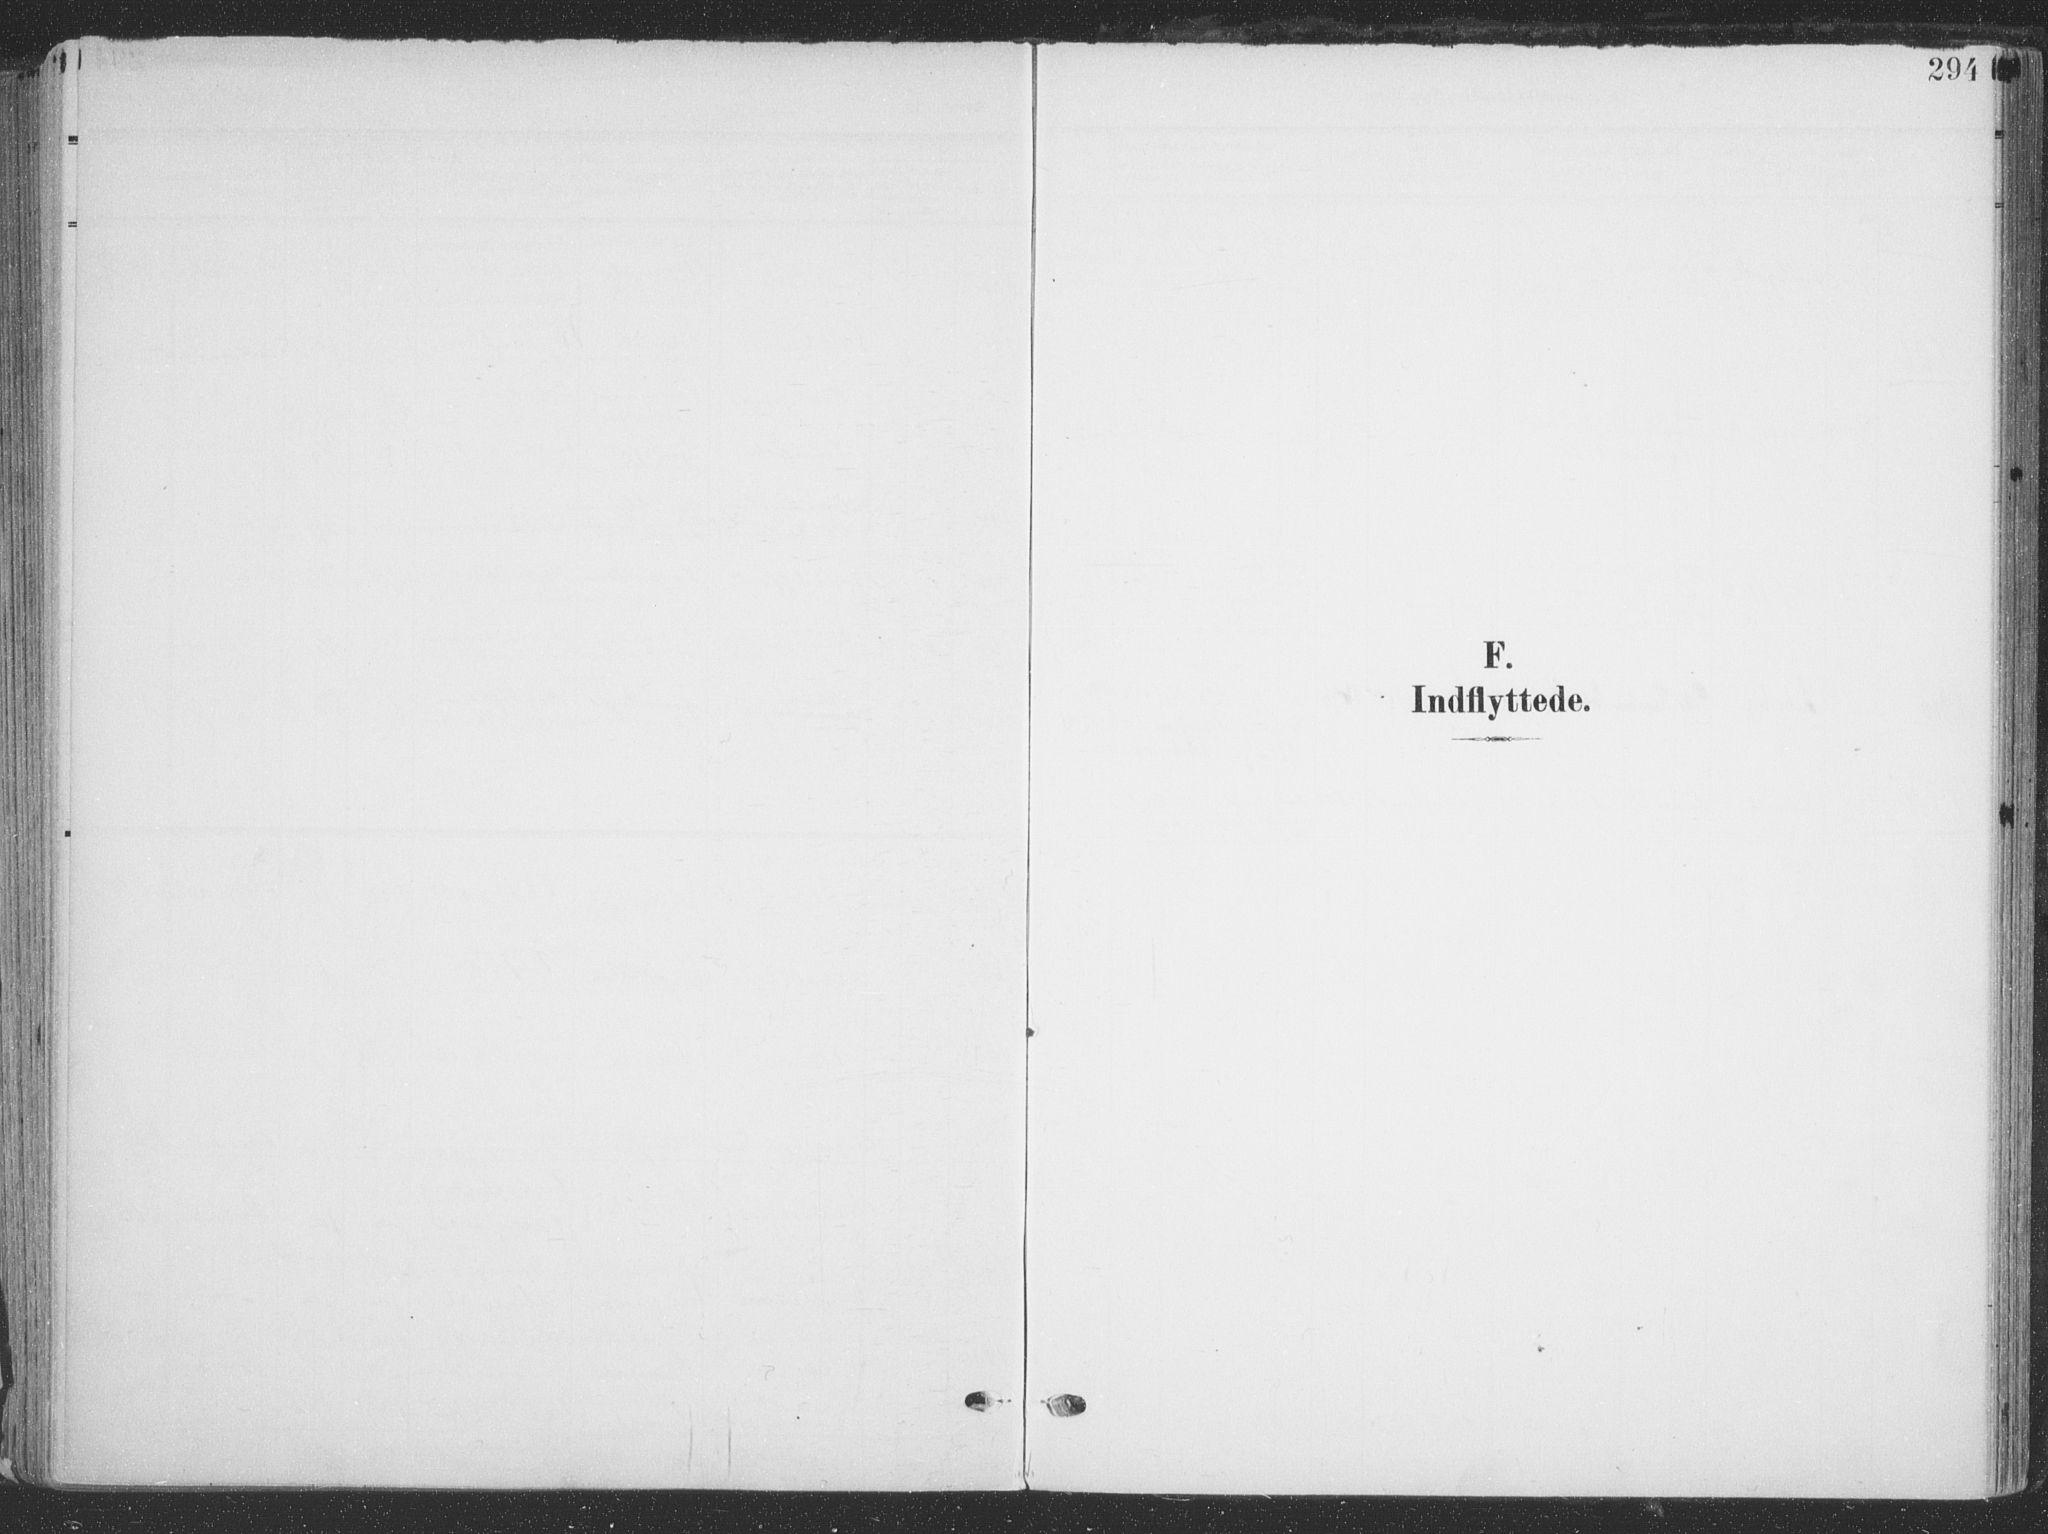 SATØ, Tana sokneprestkontor, H/Ha/L0007kirke: Ministerialbok nr. 7, 1904-1918, s. 294